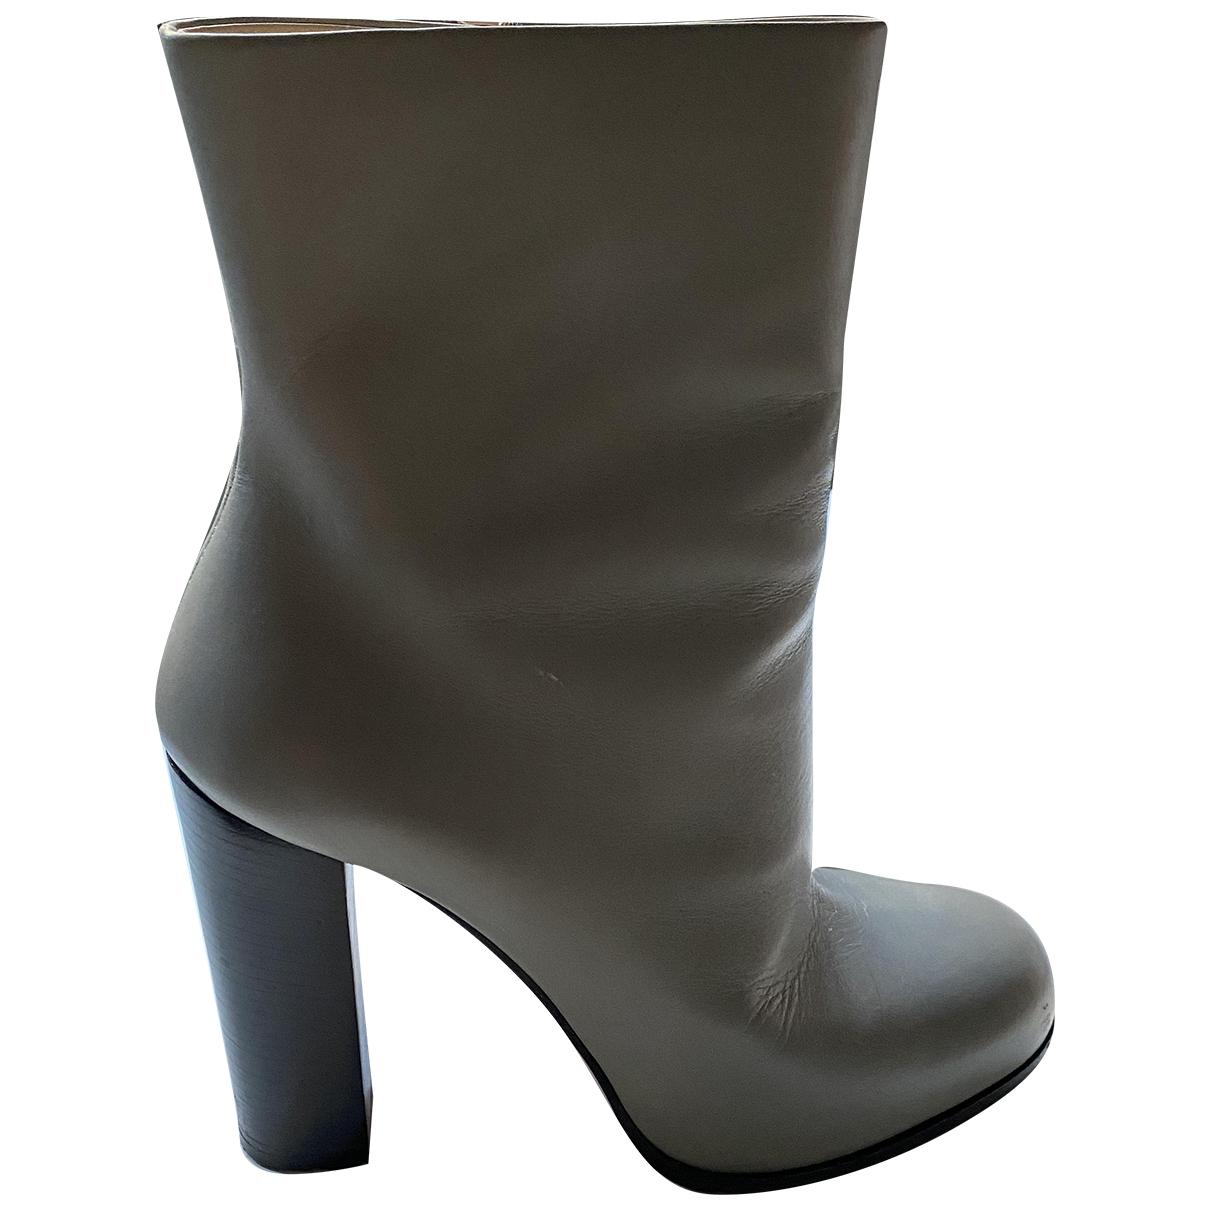 Celine \N Stiefeletten in  Grau Leder